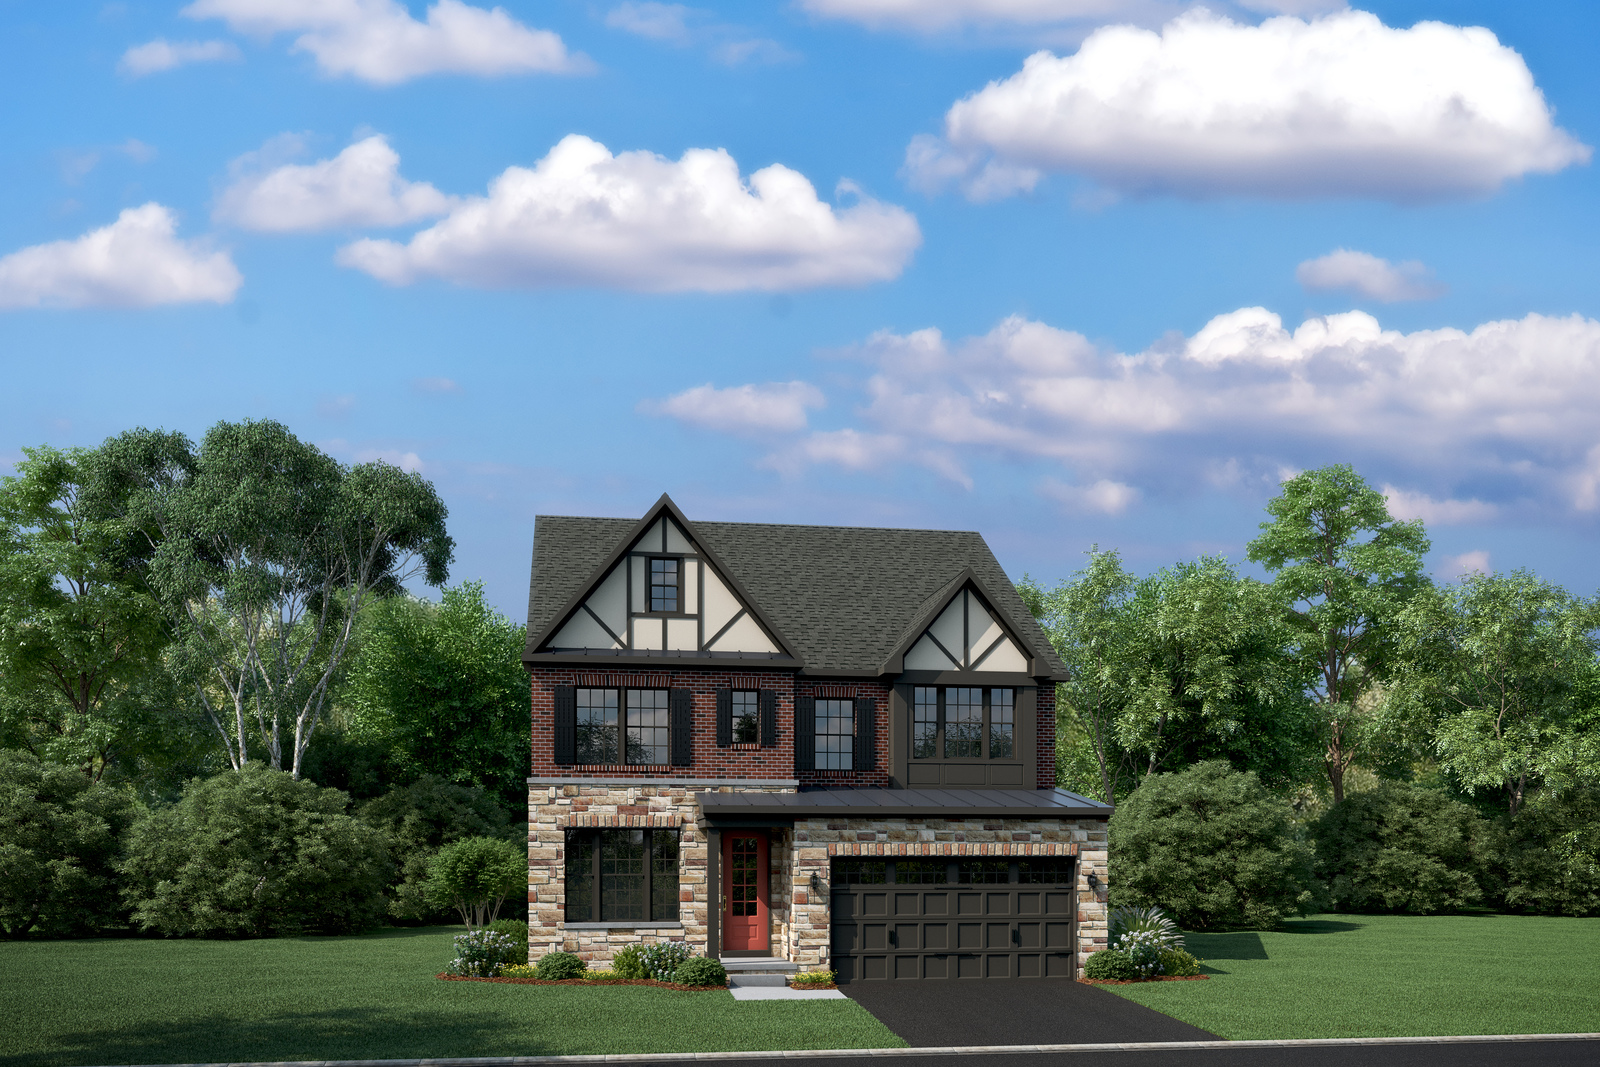 New Single Family Homes Fairfax Va